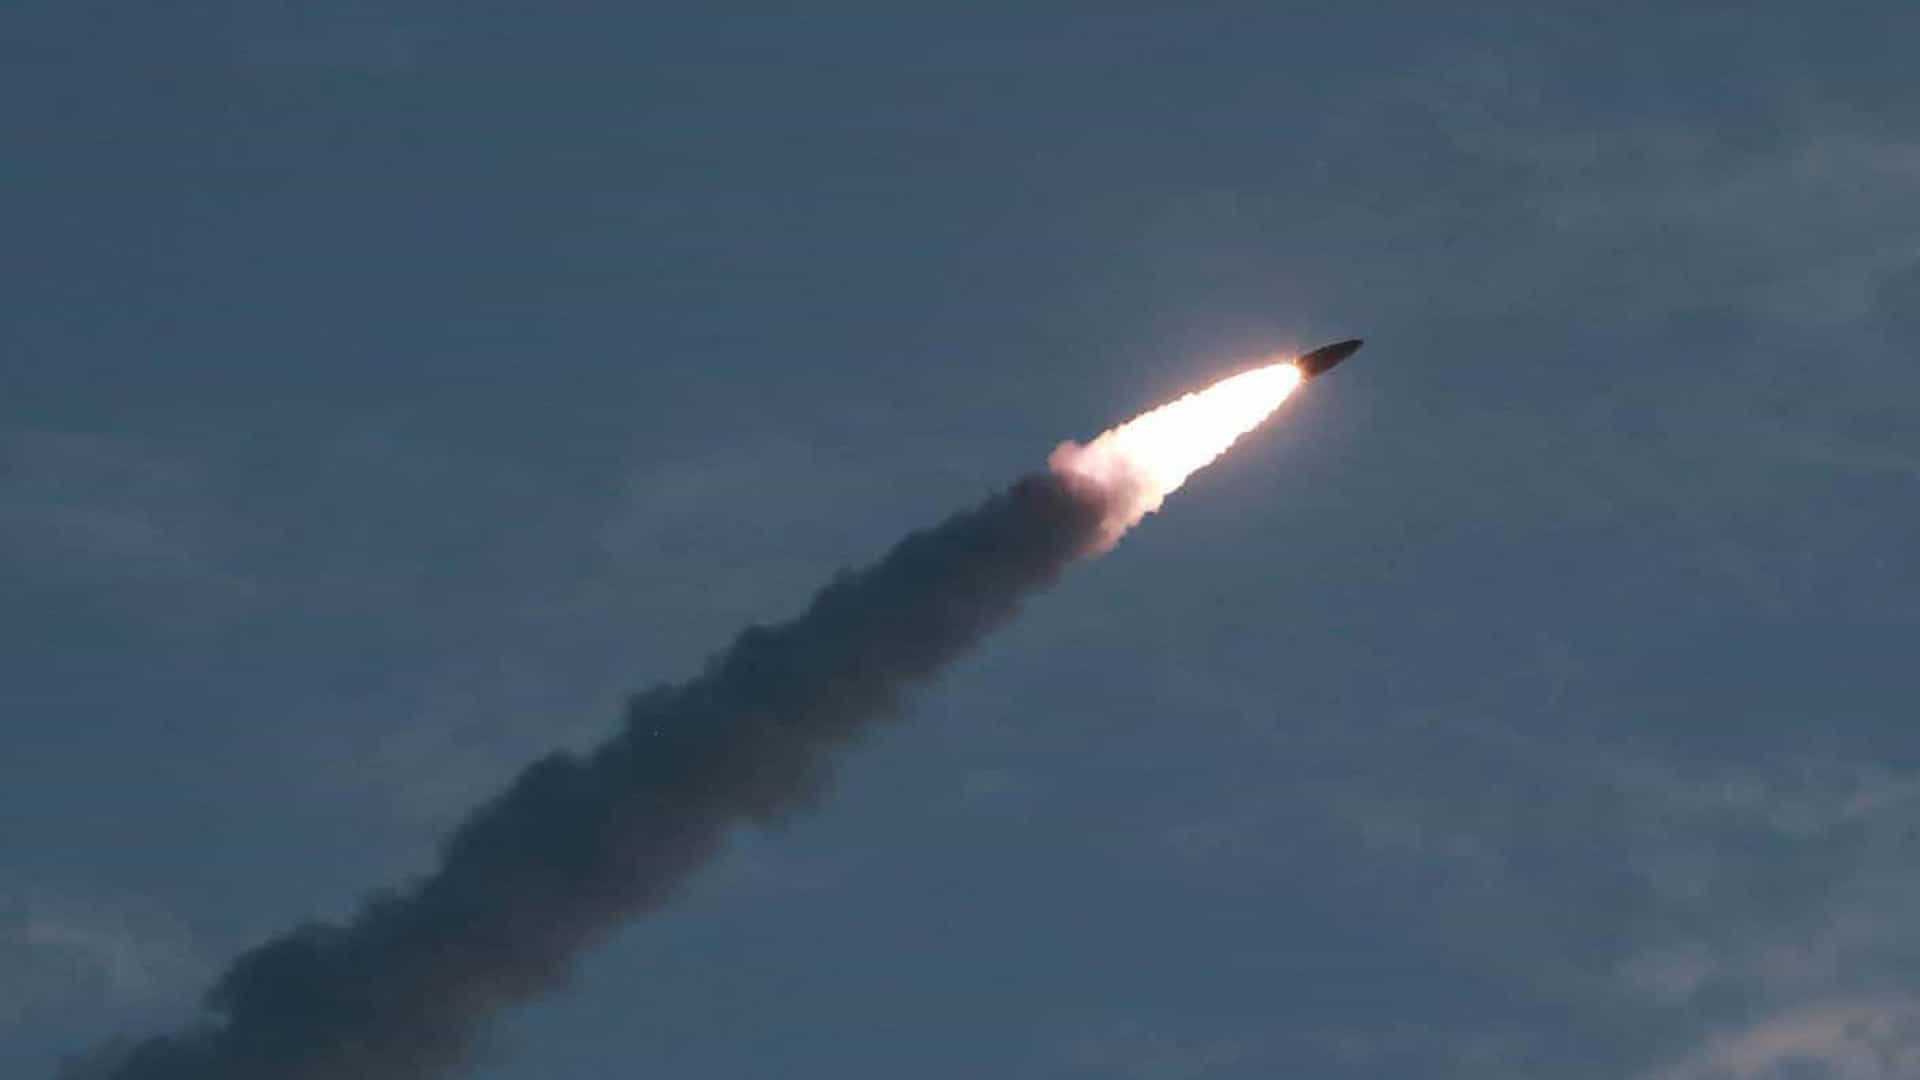 EUA afirmam que míssil norte-coreano não foi disparado de submarino